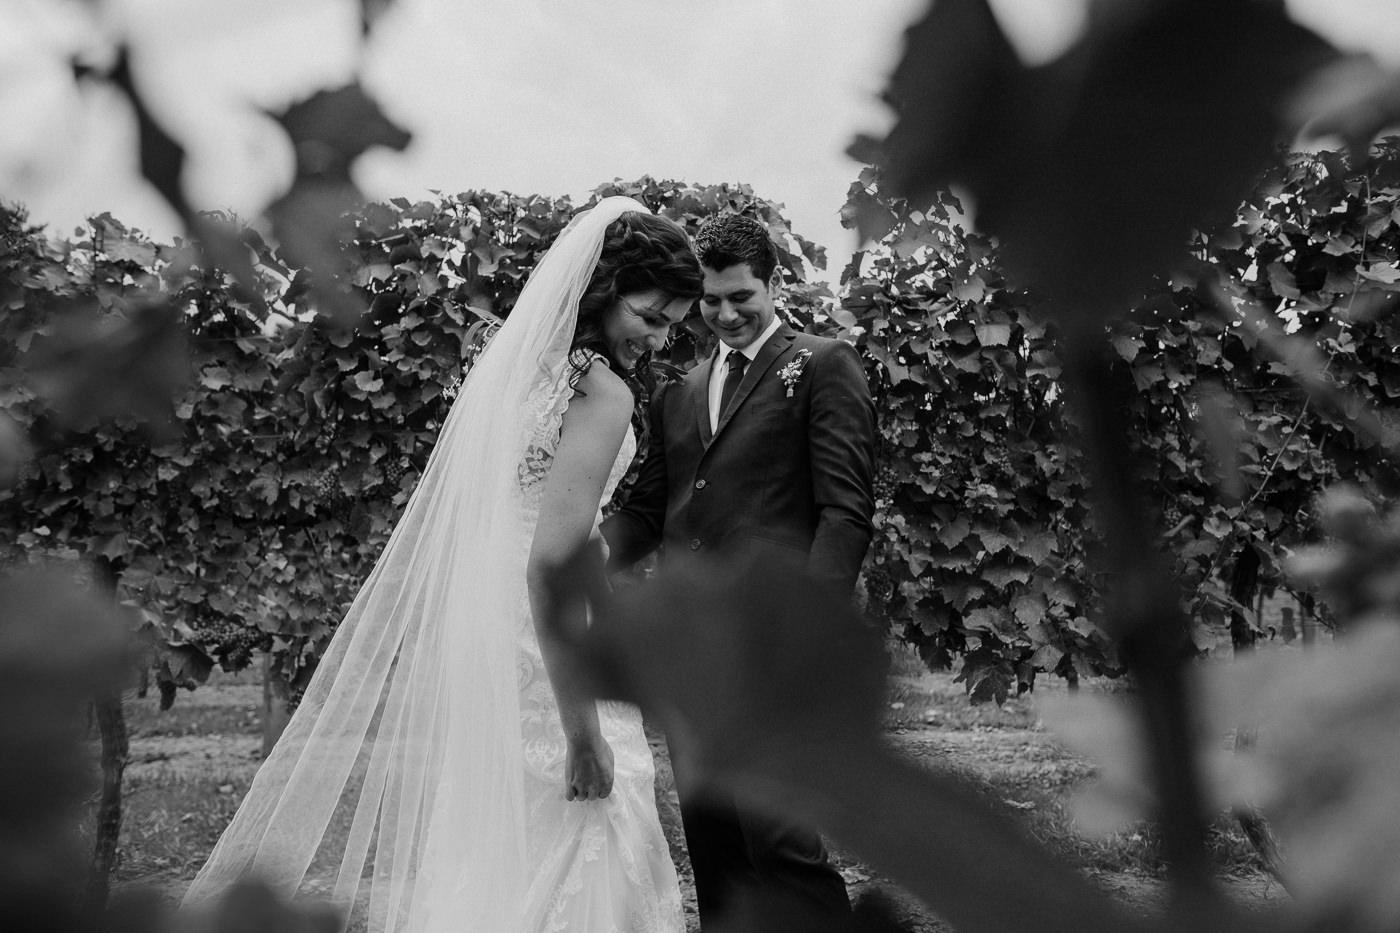 nz_wedding_photographer_gisborne-1034.jpg